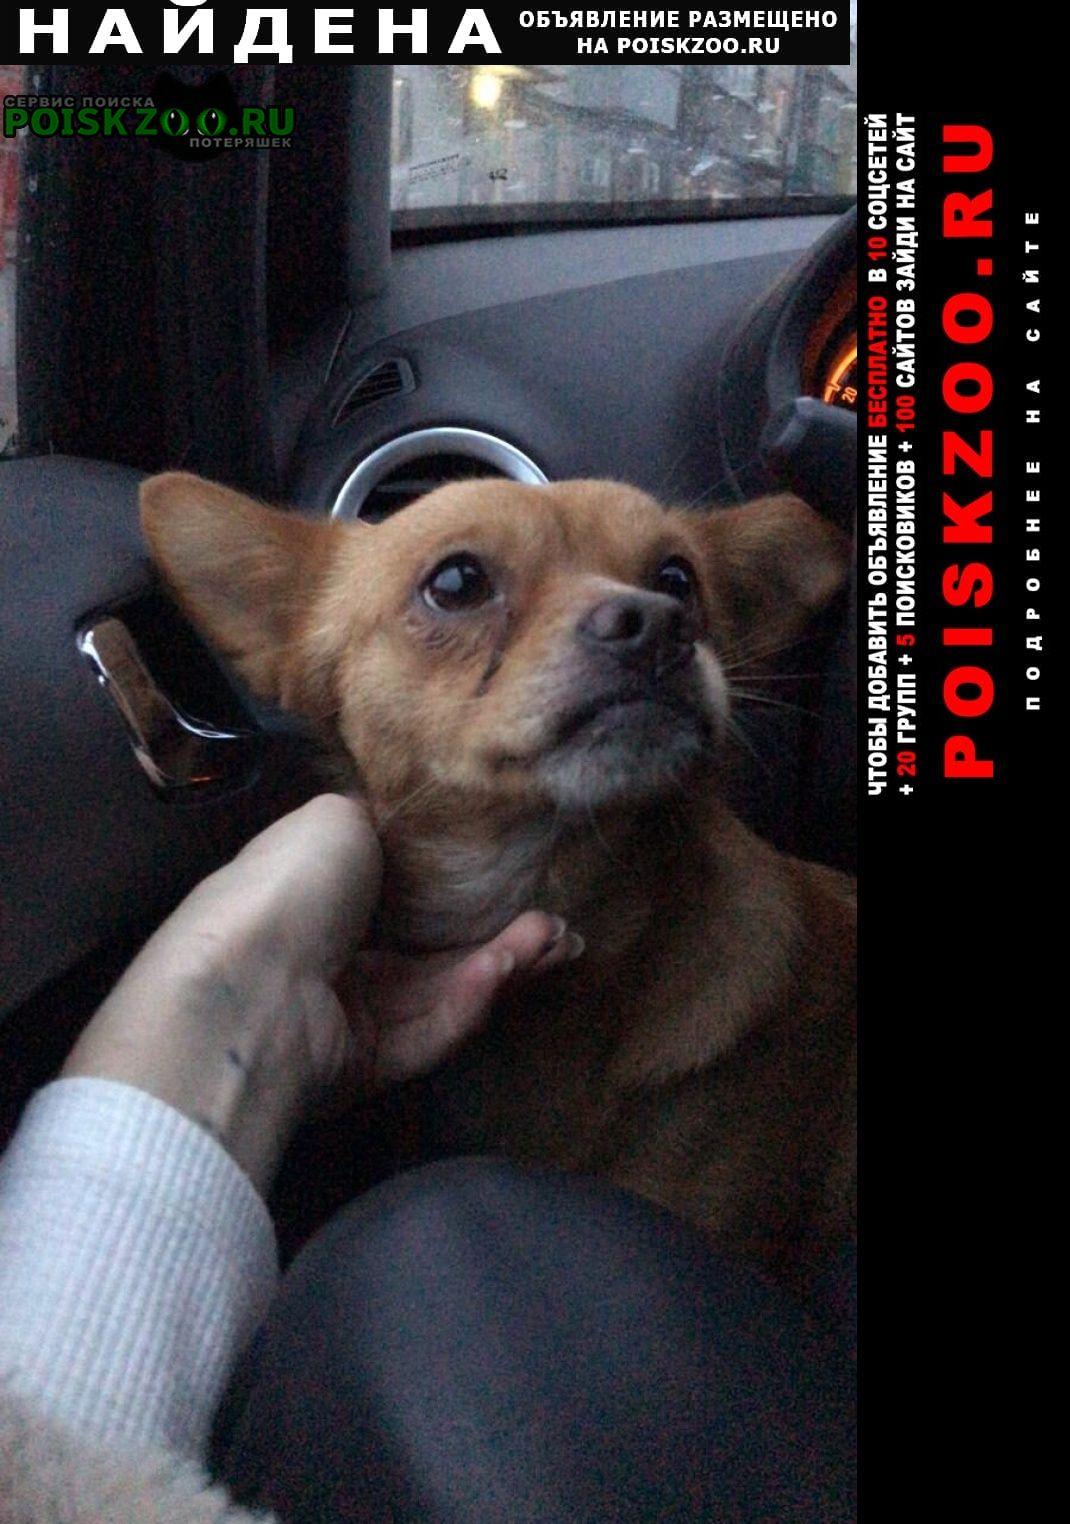 Найдена собака. Ростов-на-Дону